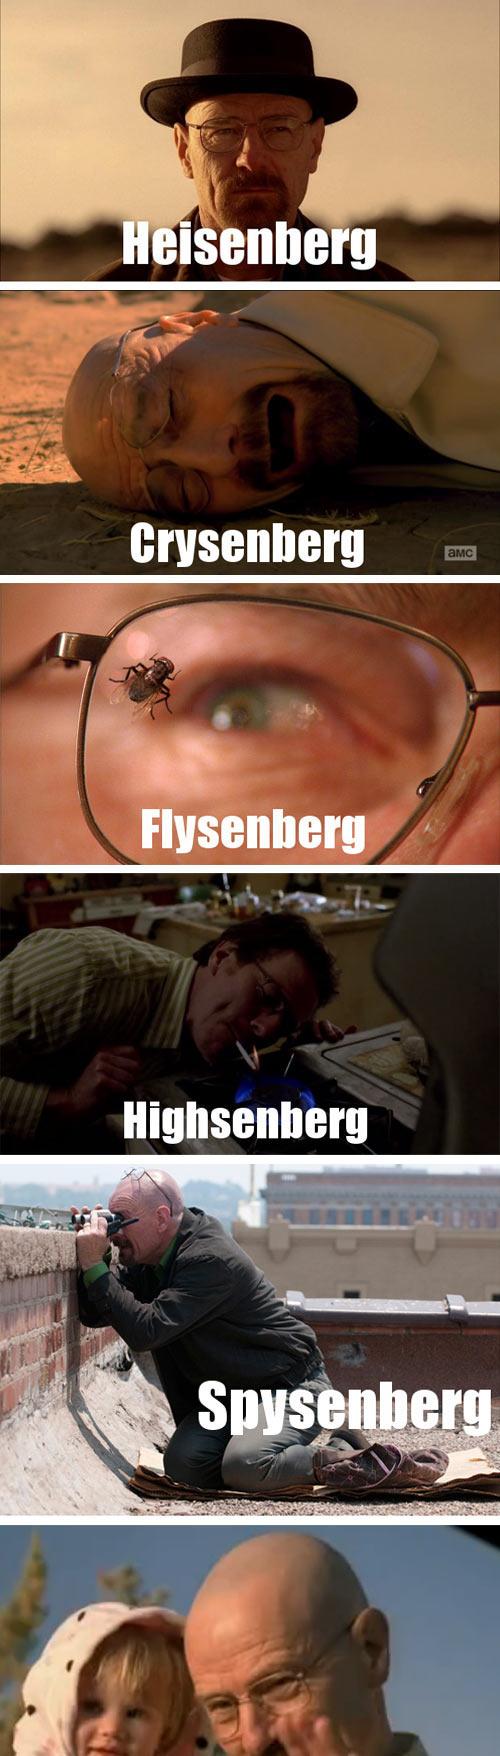 funny-Breaking-Bad-Heisenberg-faces